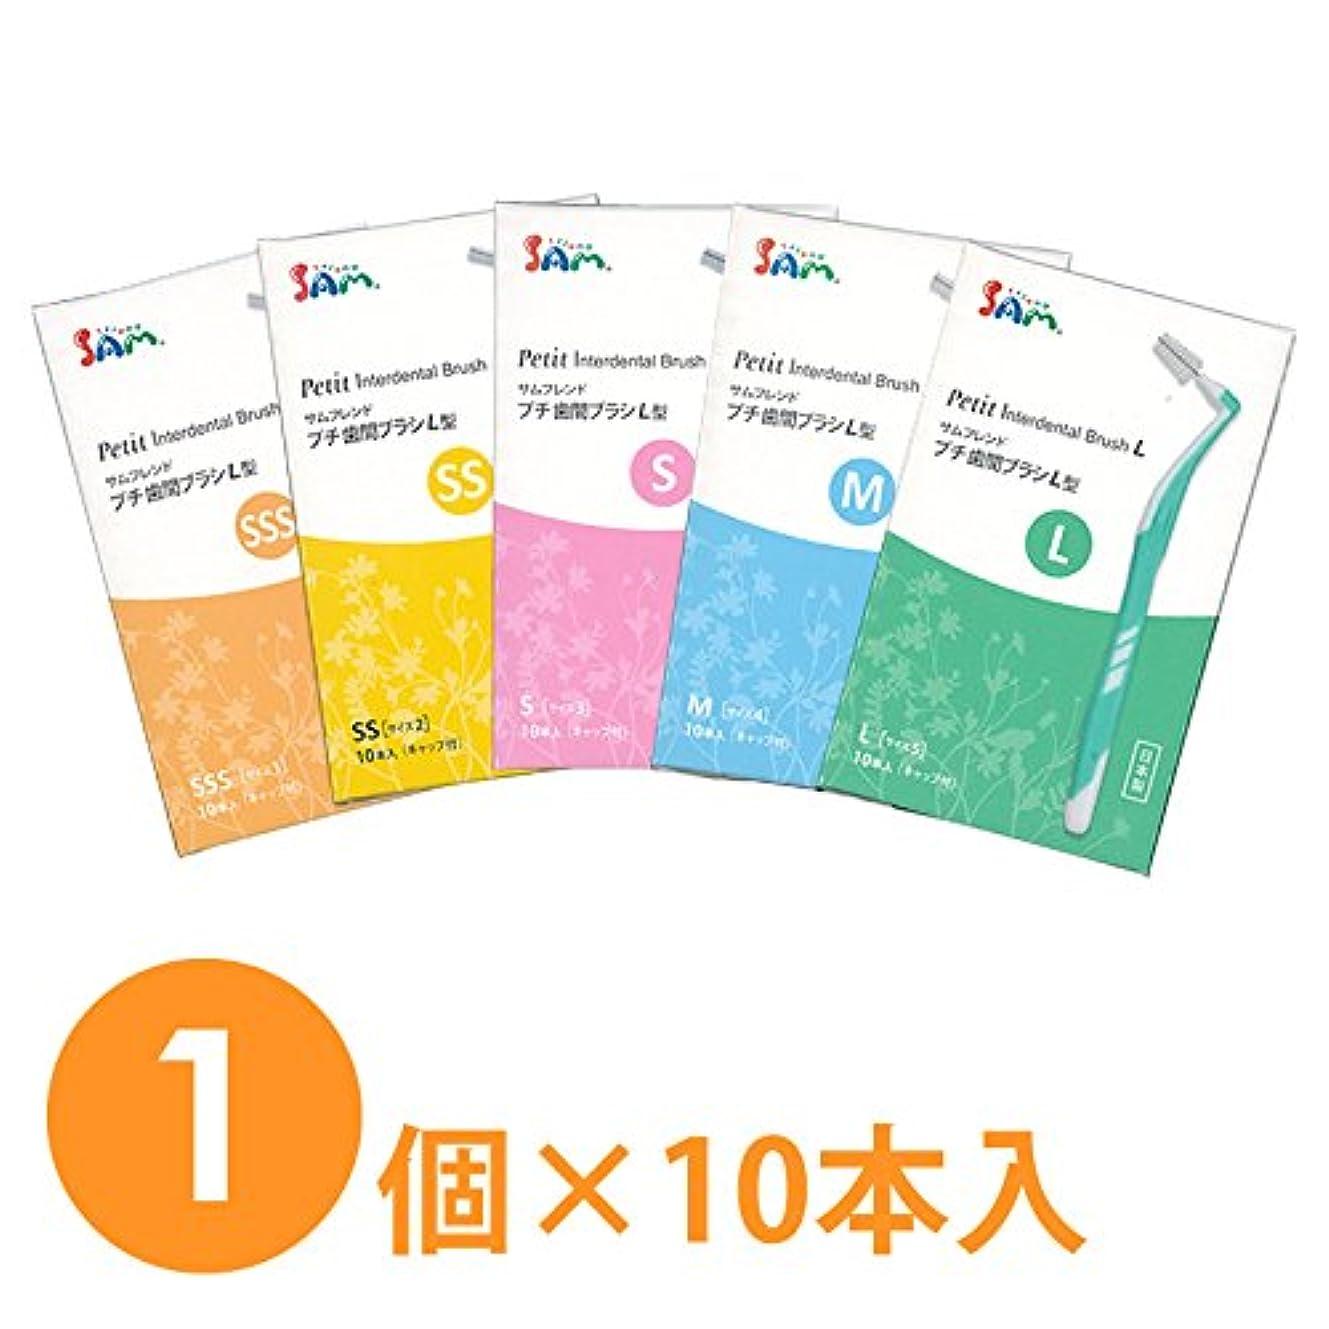 マーティフィールディング不足異常【1個】サンデンタル サムフレンド プチ歯間ブラシL型 10本入り (SSS(1)オレンジ)